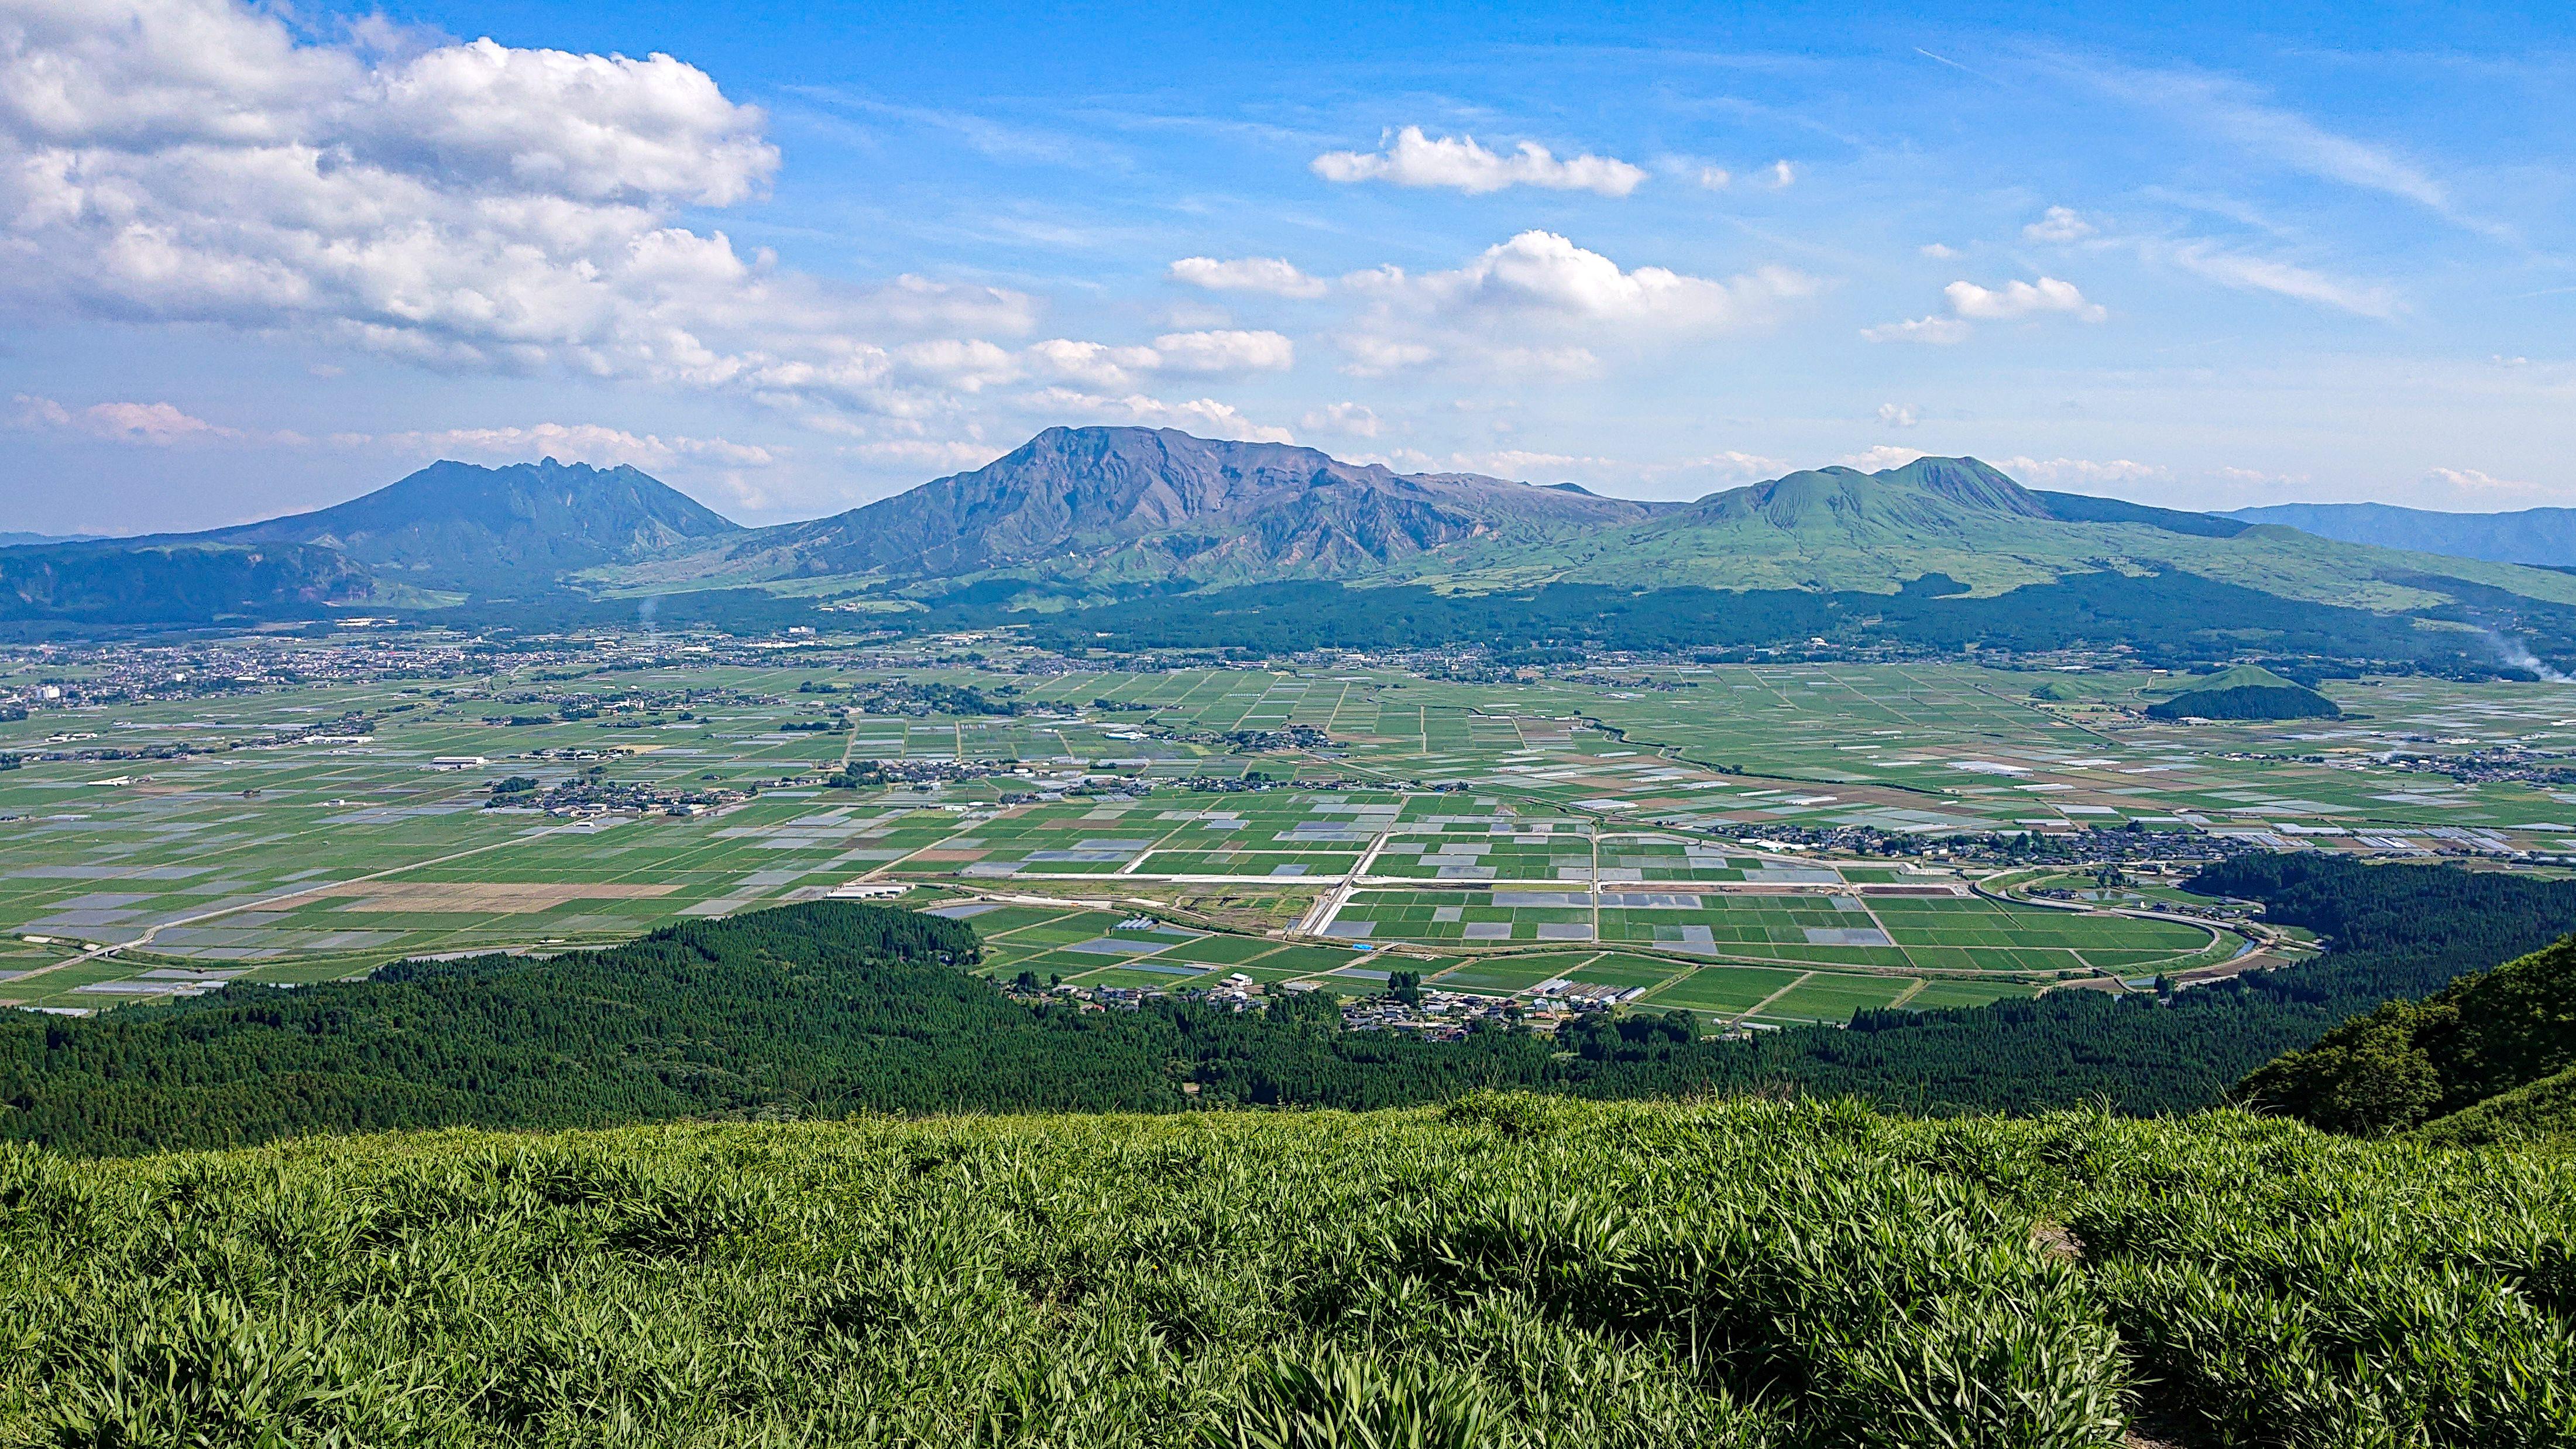 田園風景を見下ろす大パノラマの写真